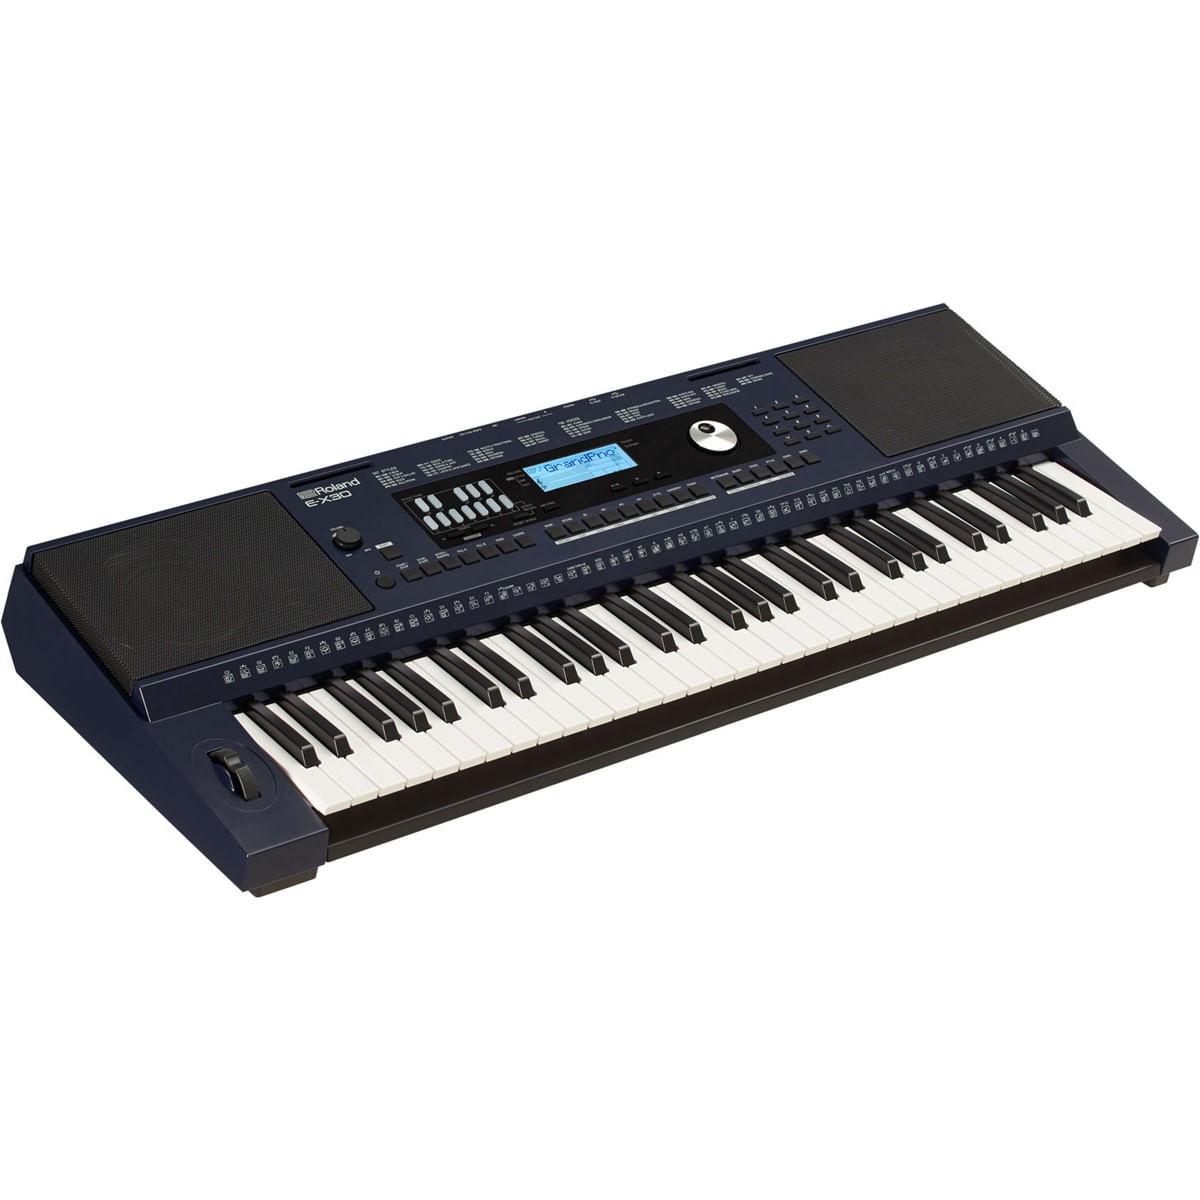 teclado-arranjador-e-x30-roland-1